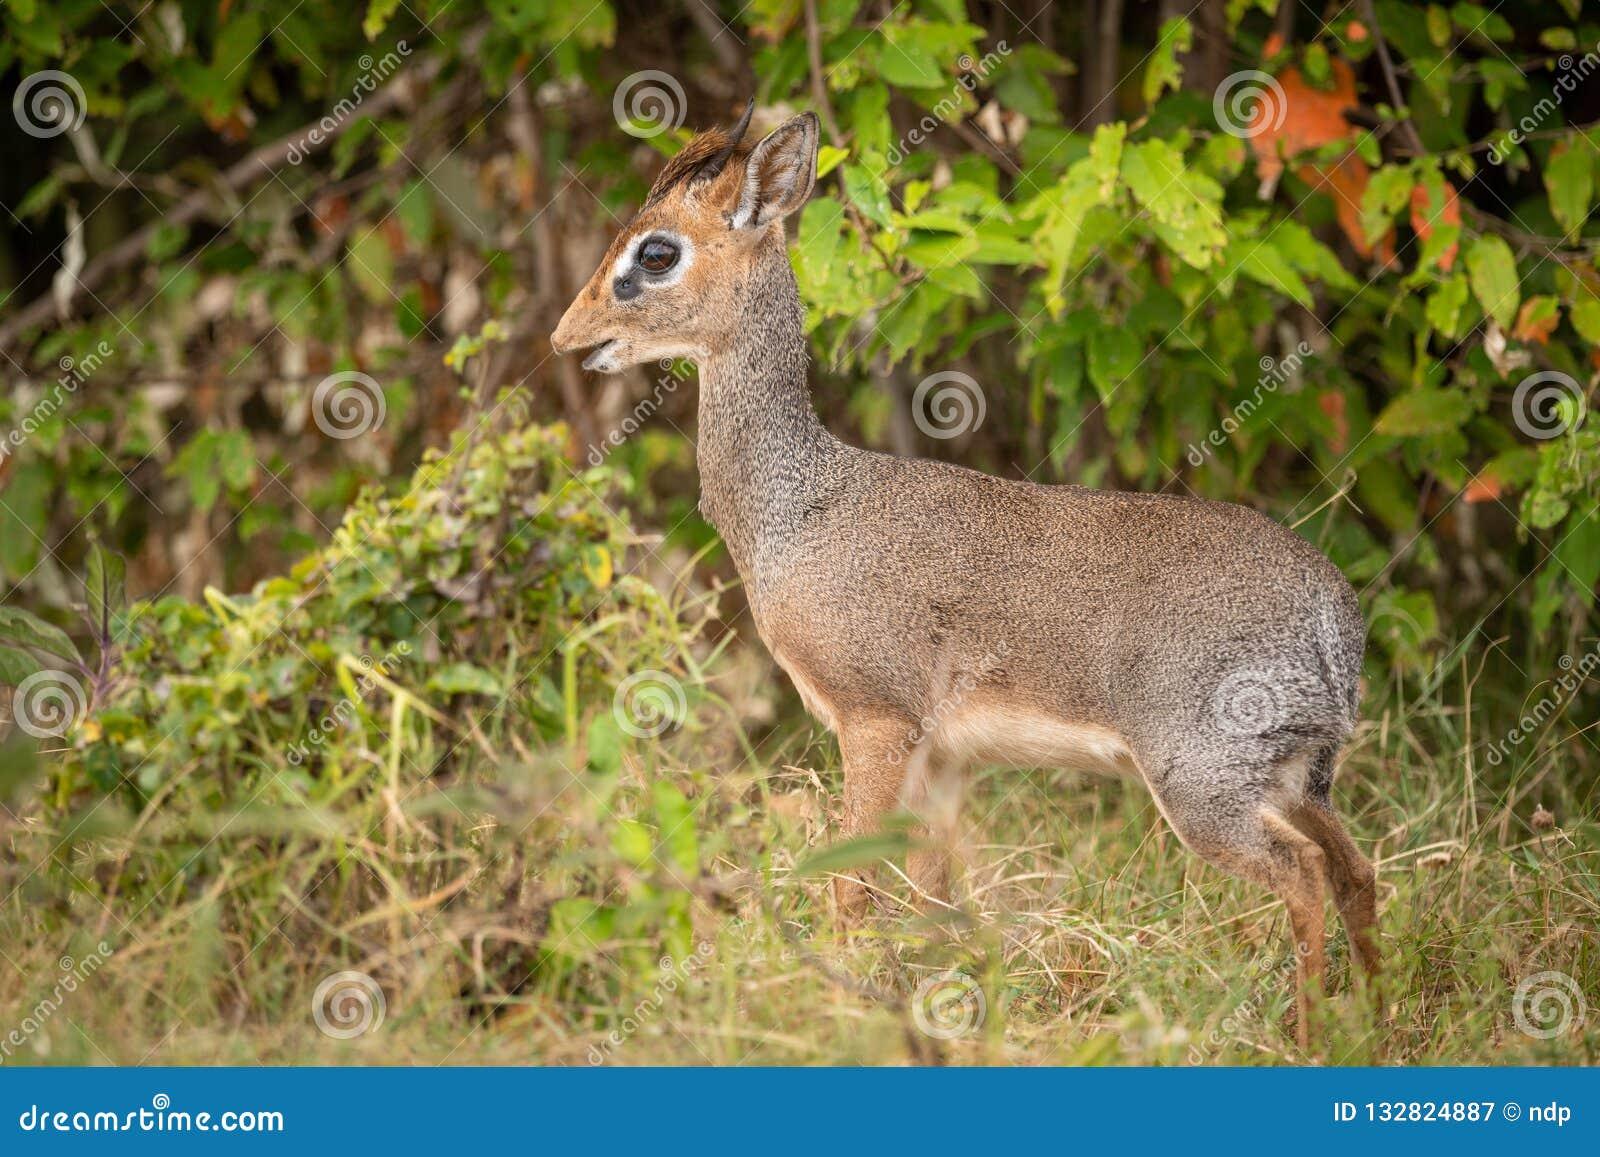 Kirk dik-dik stands in profile in bushes